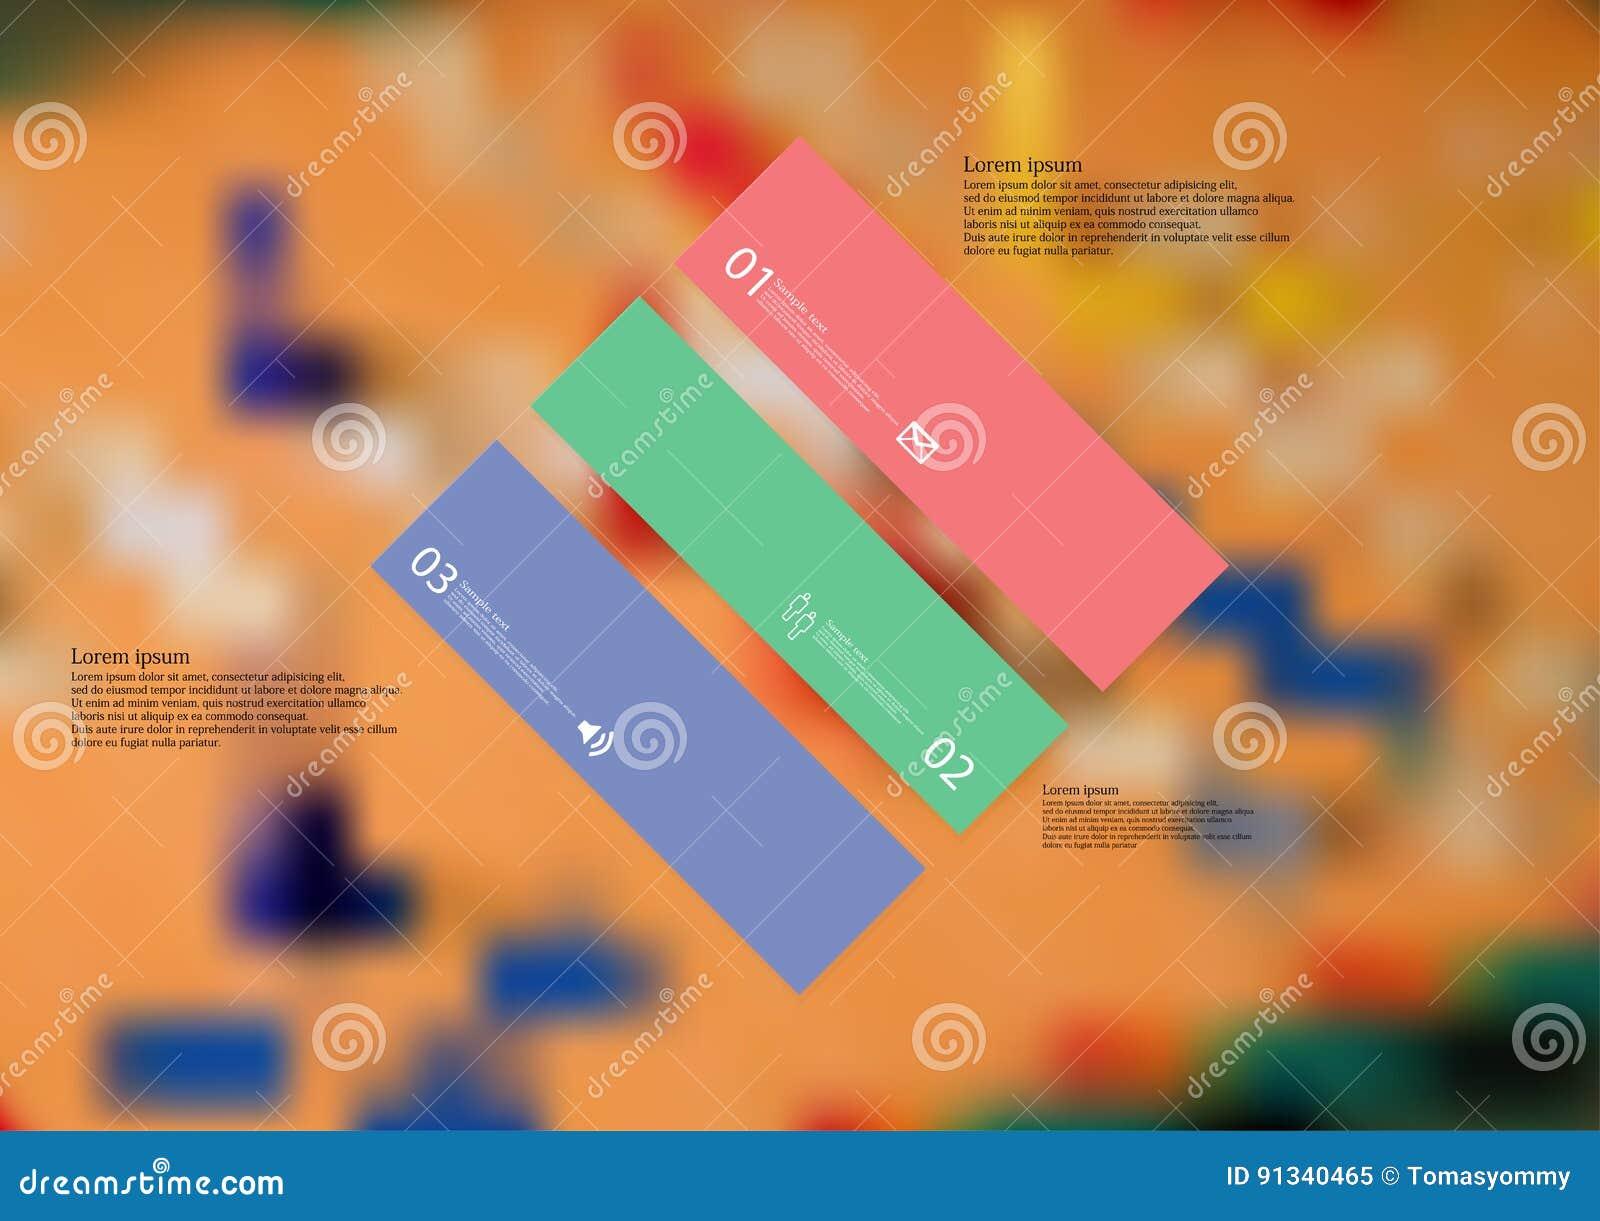 Molde infographic da ilustração com o oblíquo do rombo dividido a três peças autônomas da cor